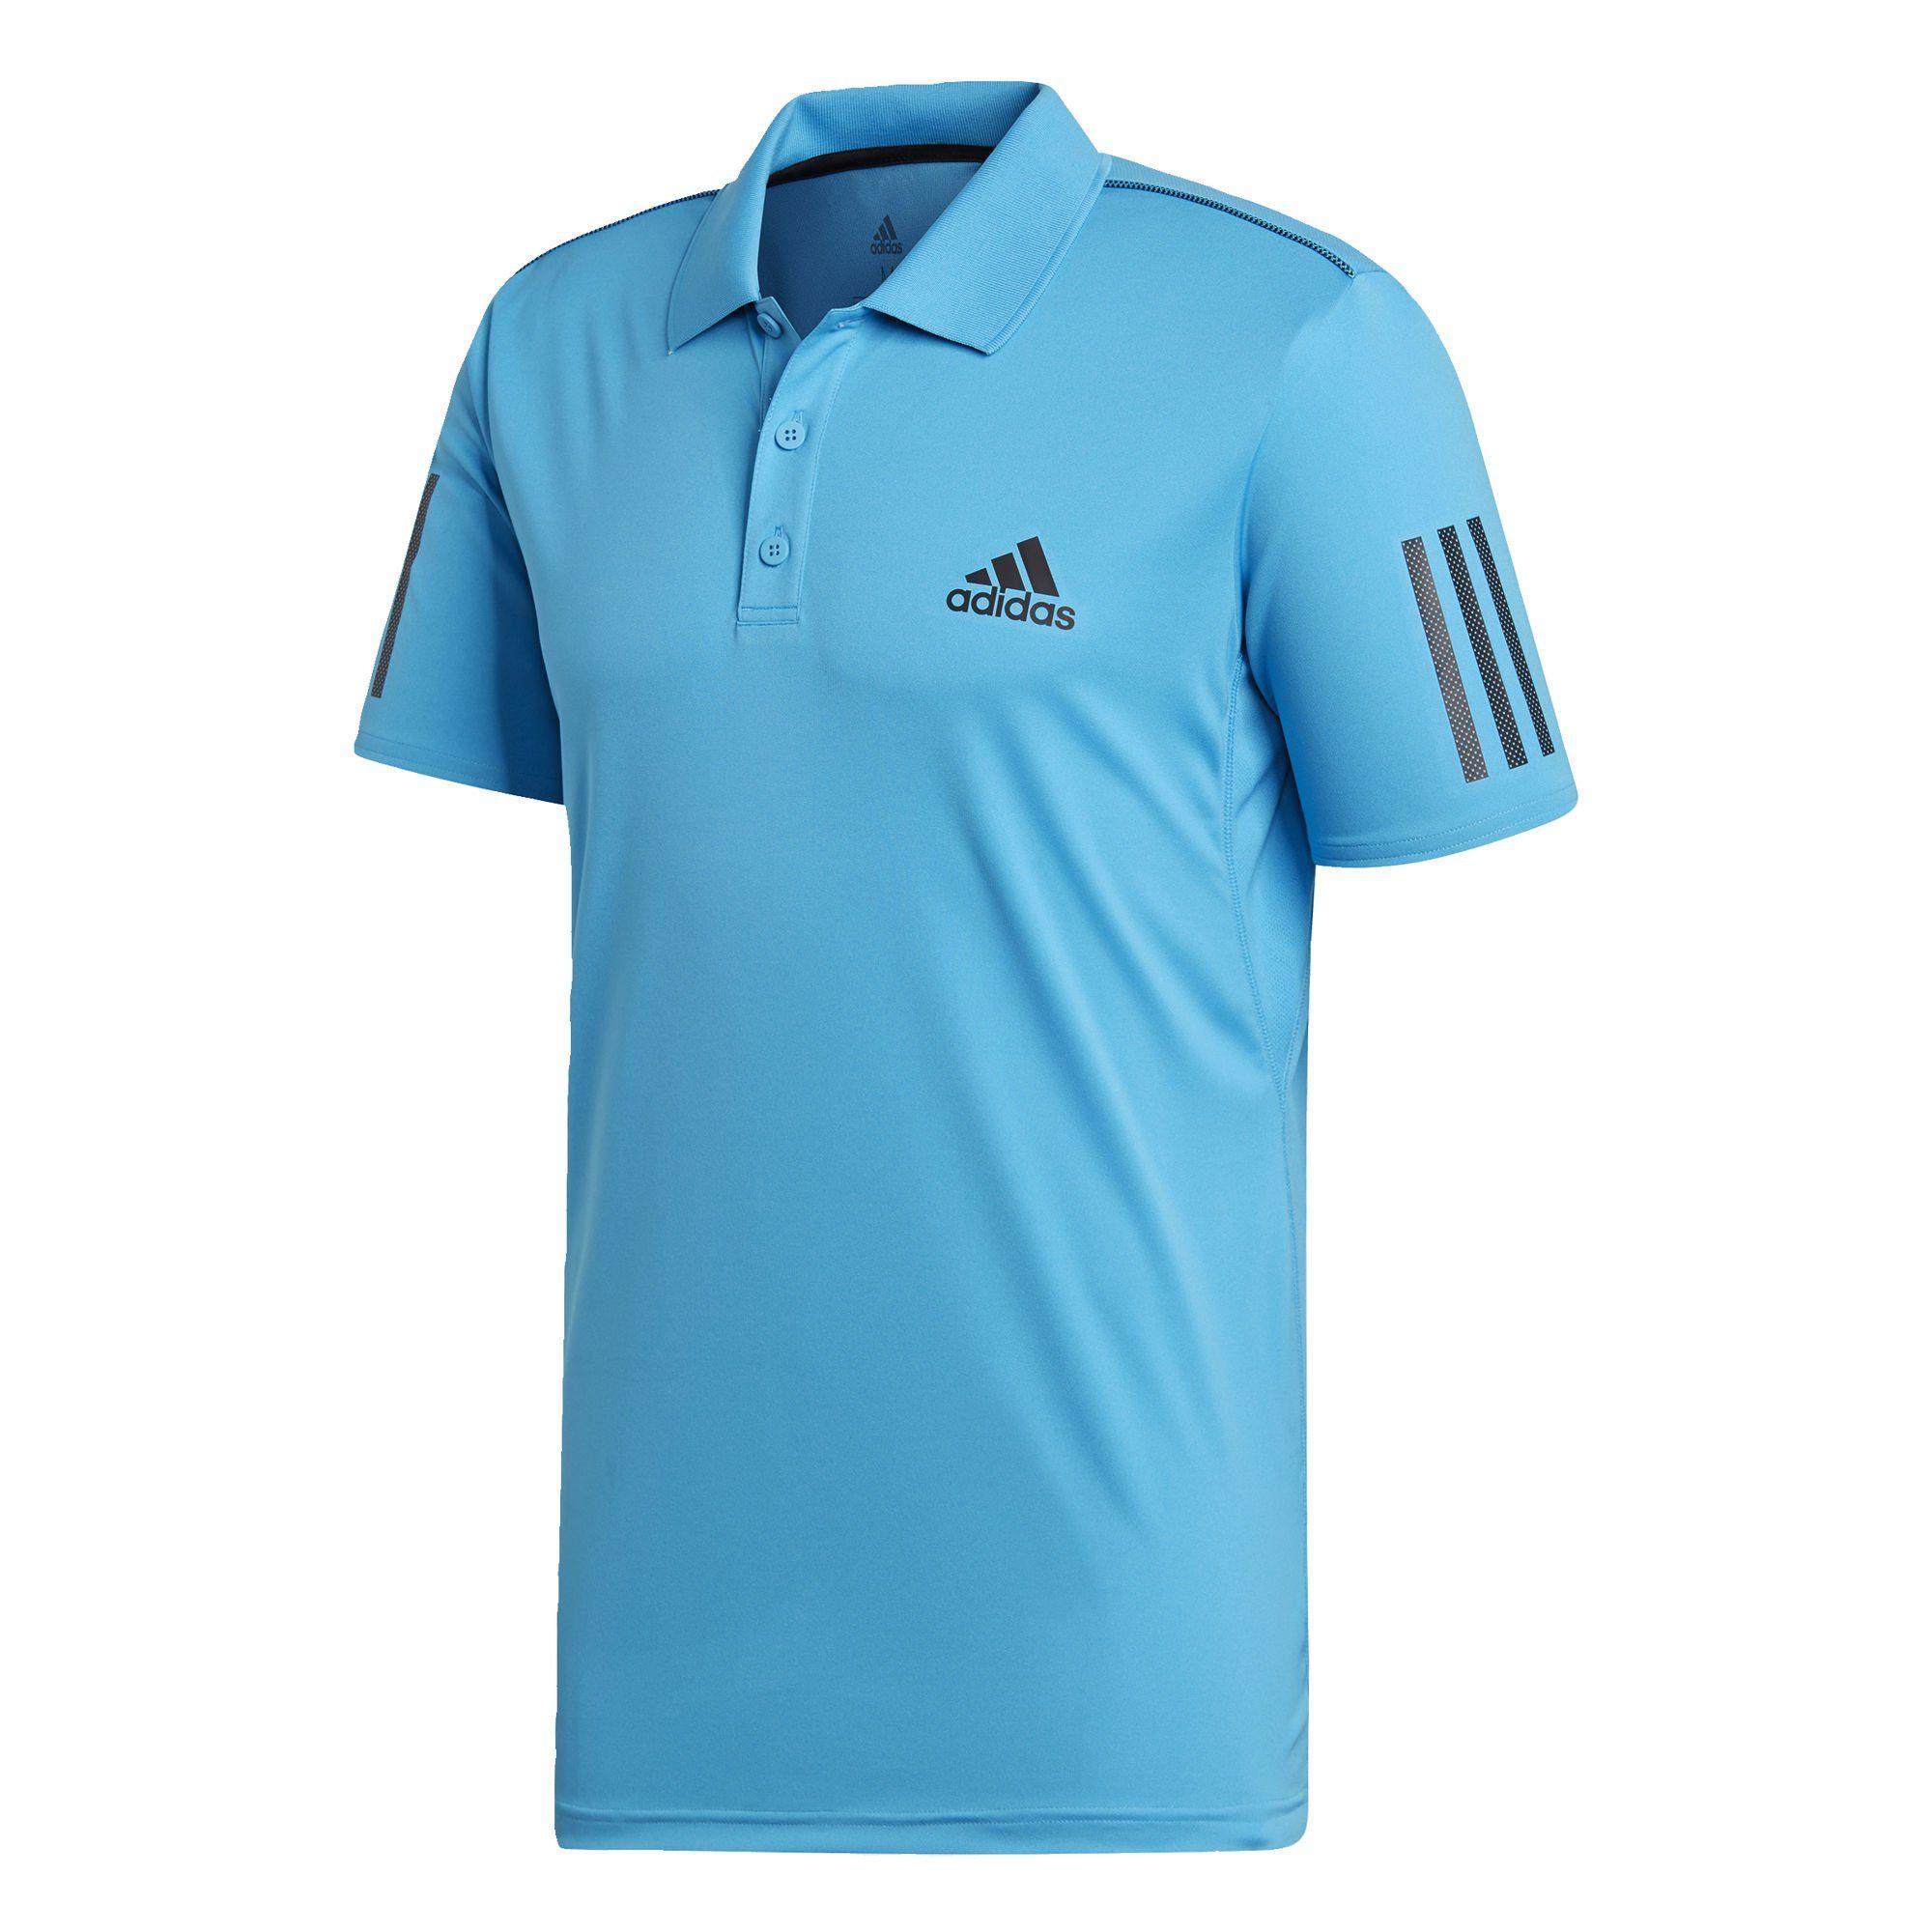 adidas Performance Poloshirt »3 Streifen Club Poloshirt« online kaufen | OTTO